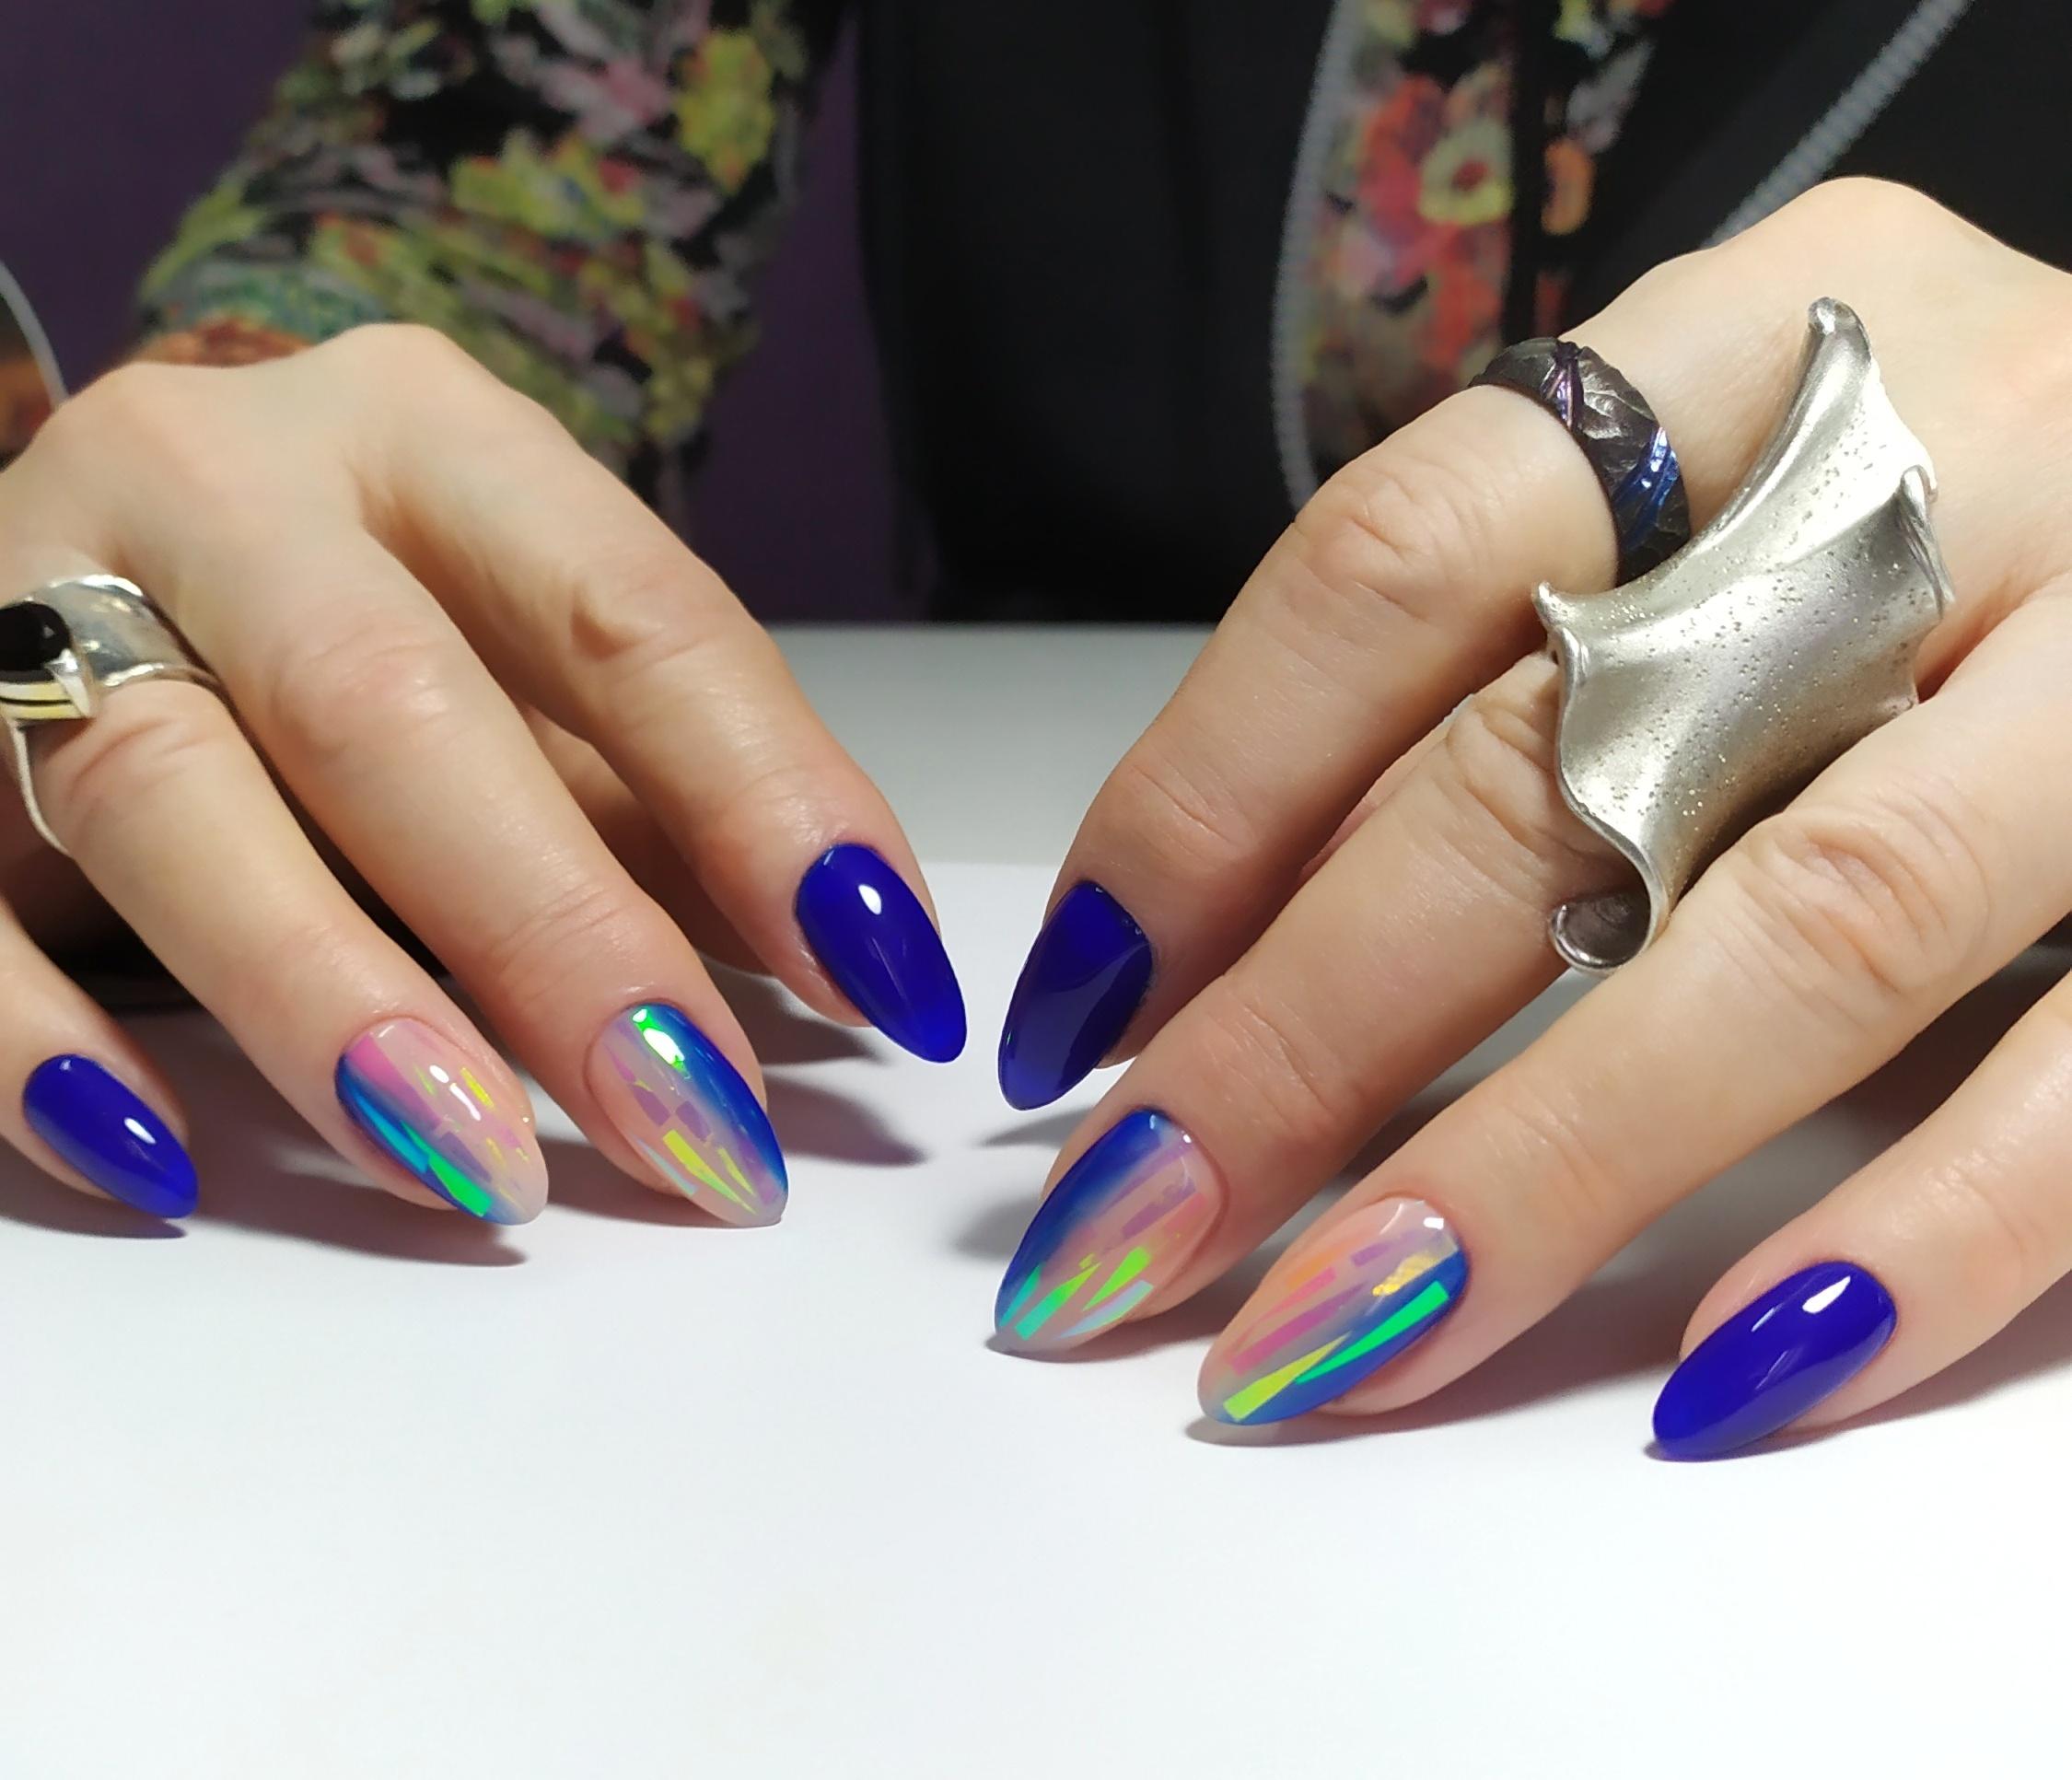 Маникюр с дизайном битое стекло в синем цвете.